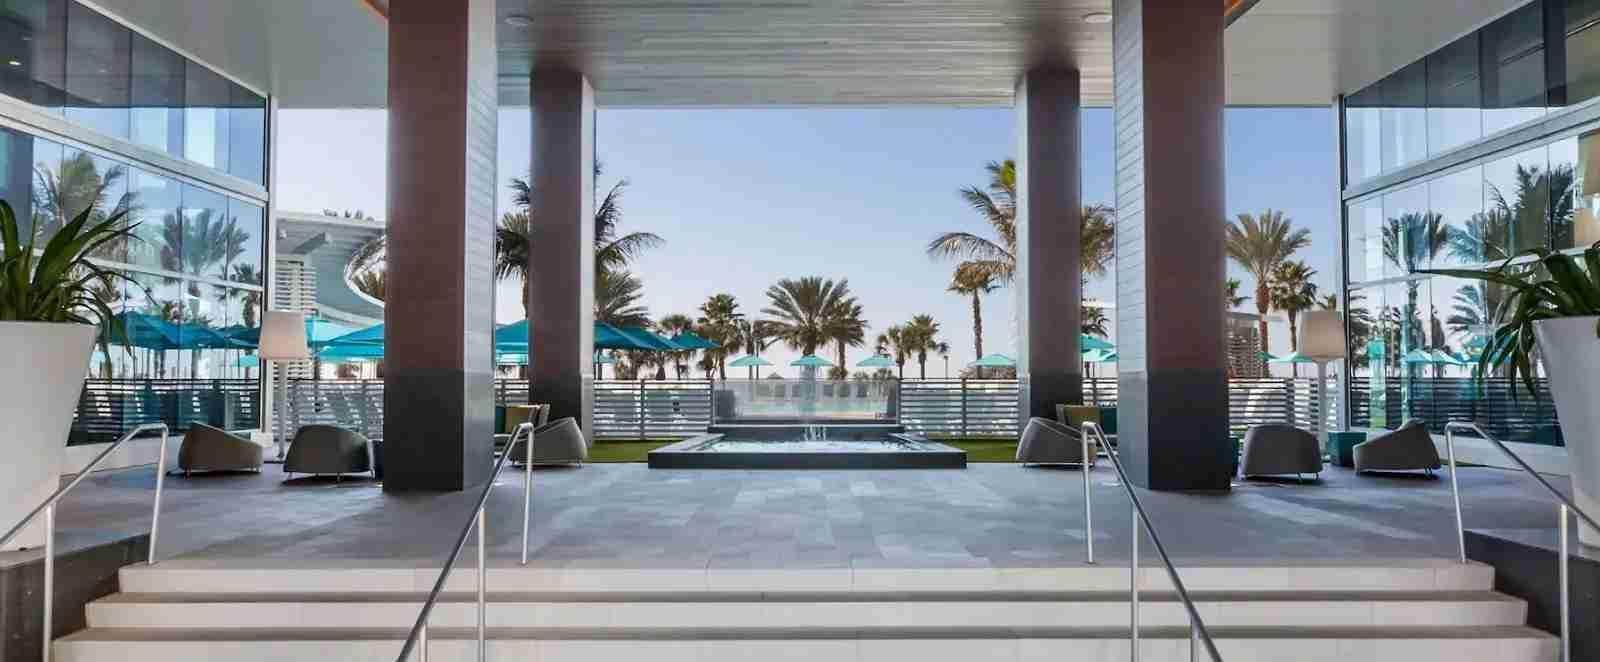 Wyndham Grand Clearwater Beach Florida Exterior